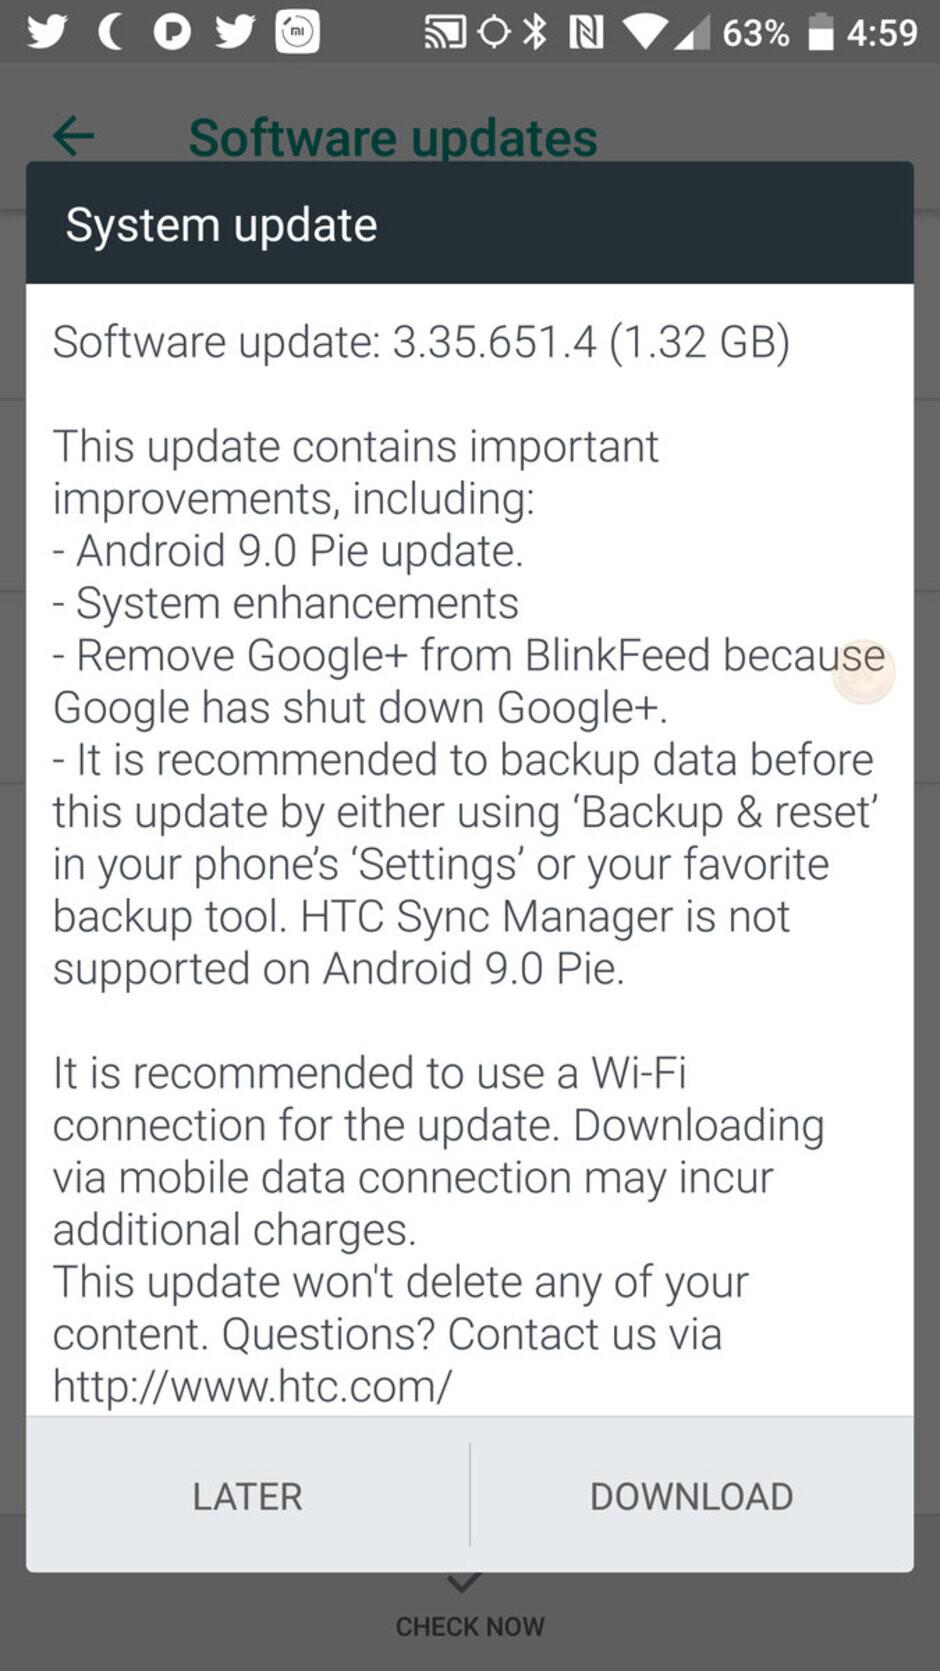 HTC U11 Android 9 Pie update - Sprint finally rolls out HTC U11 Android 9 Pie update